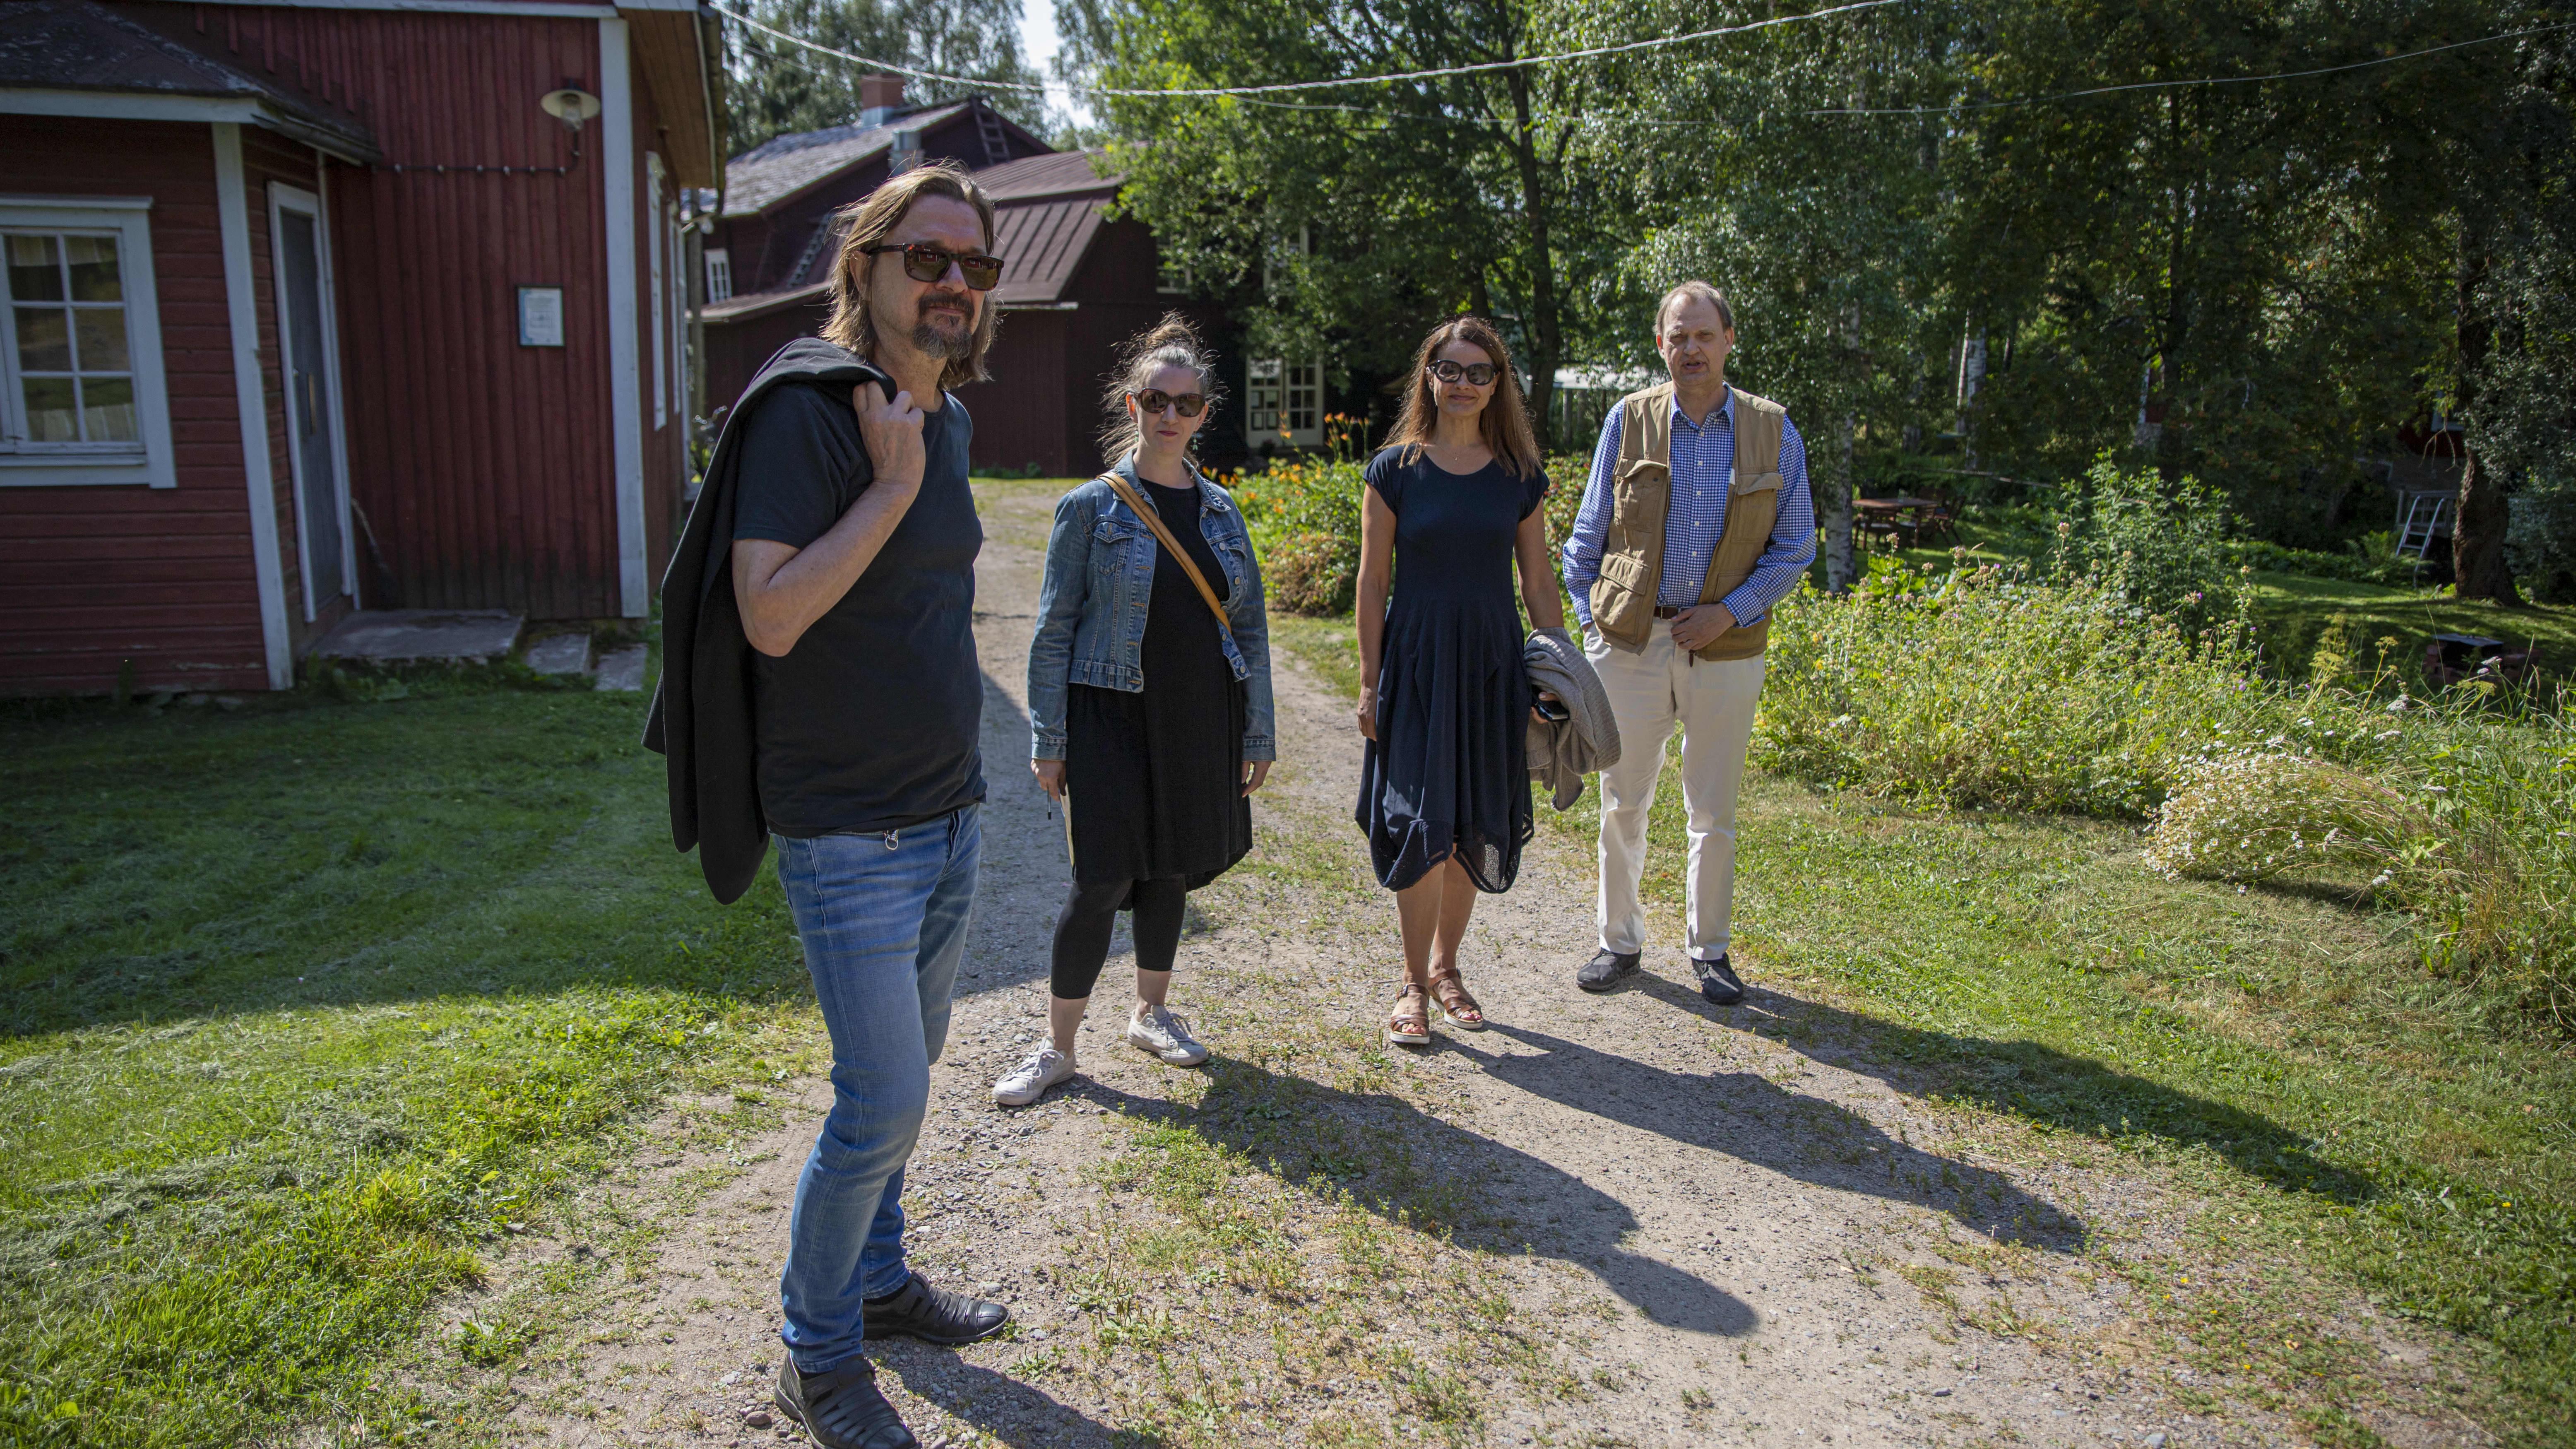 Näyttelijä Niina Nurminen, tietokirjailija Minna Maijala. oopperalaulaja Petteri Salomaa,ja elokuvaohjaaja Heikki Huttu-Hiltunen Portaan nahkurinverstaalla.